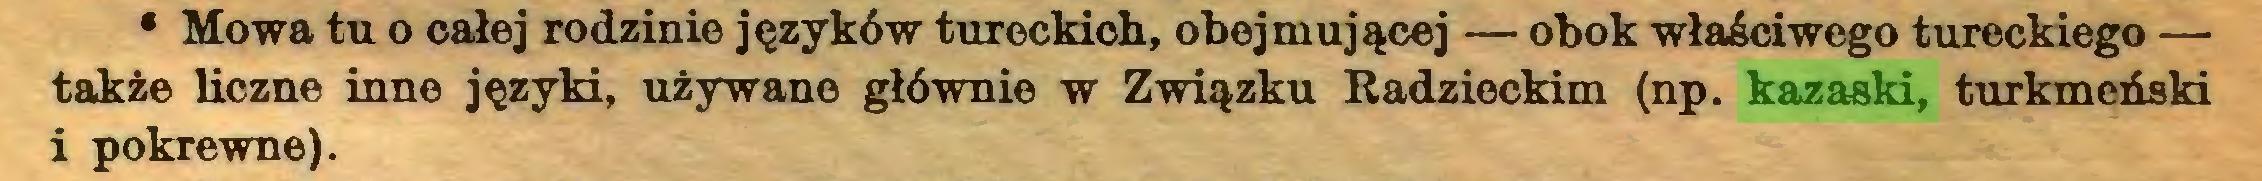 (...) • Mowa tu o całej rodzinie języków tureckich, obejmującej — obok właściwego tureckiego — także liczne inne języki, używane głównie w Związku Radzieckim (np. kazaski, turkmeński i pokrewne)...